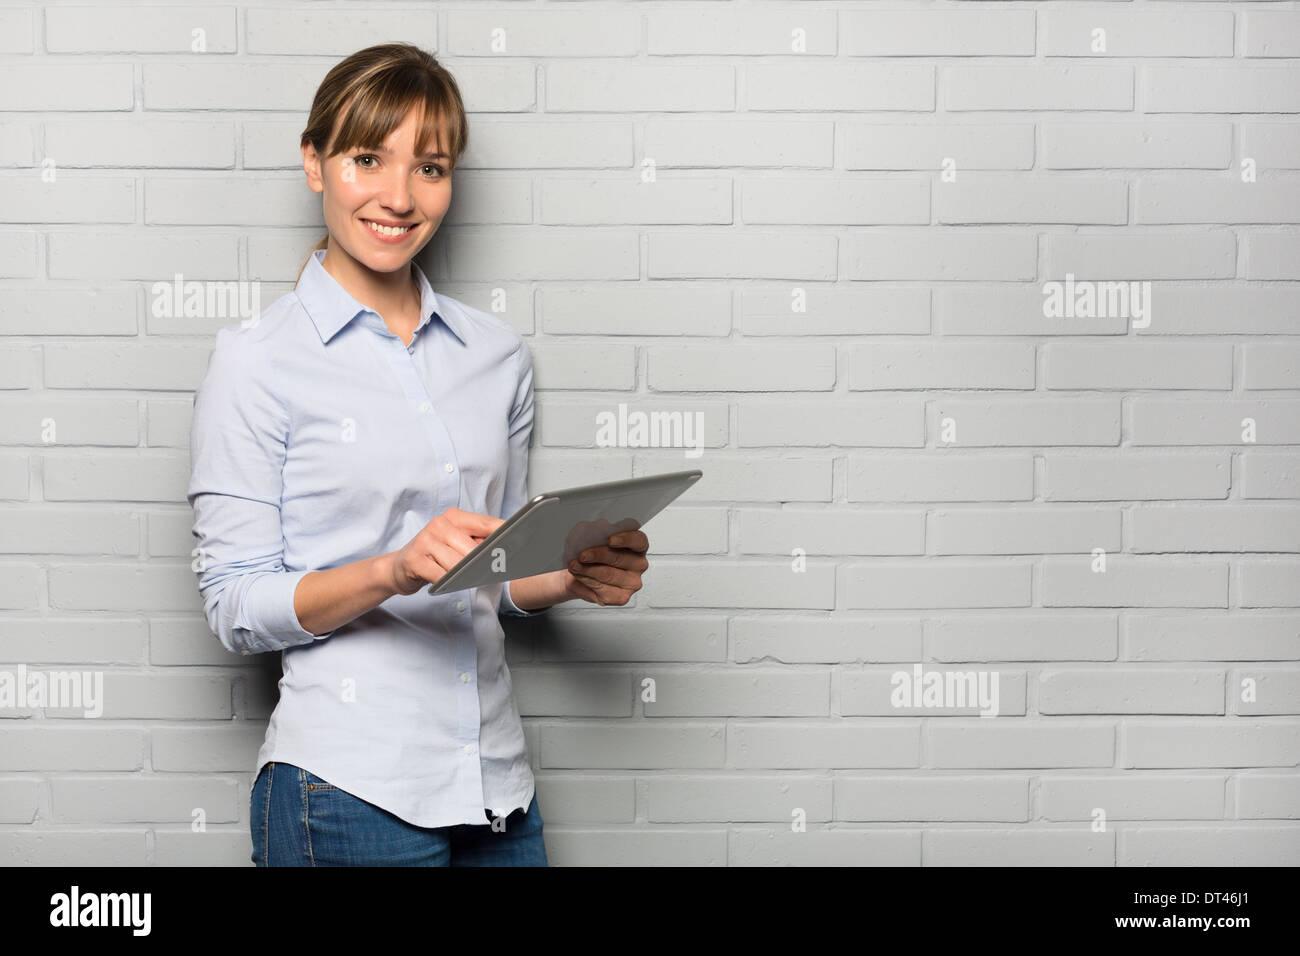 Female cute smiling computer digital studio looking camera - Stock Image